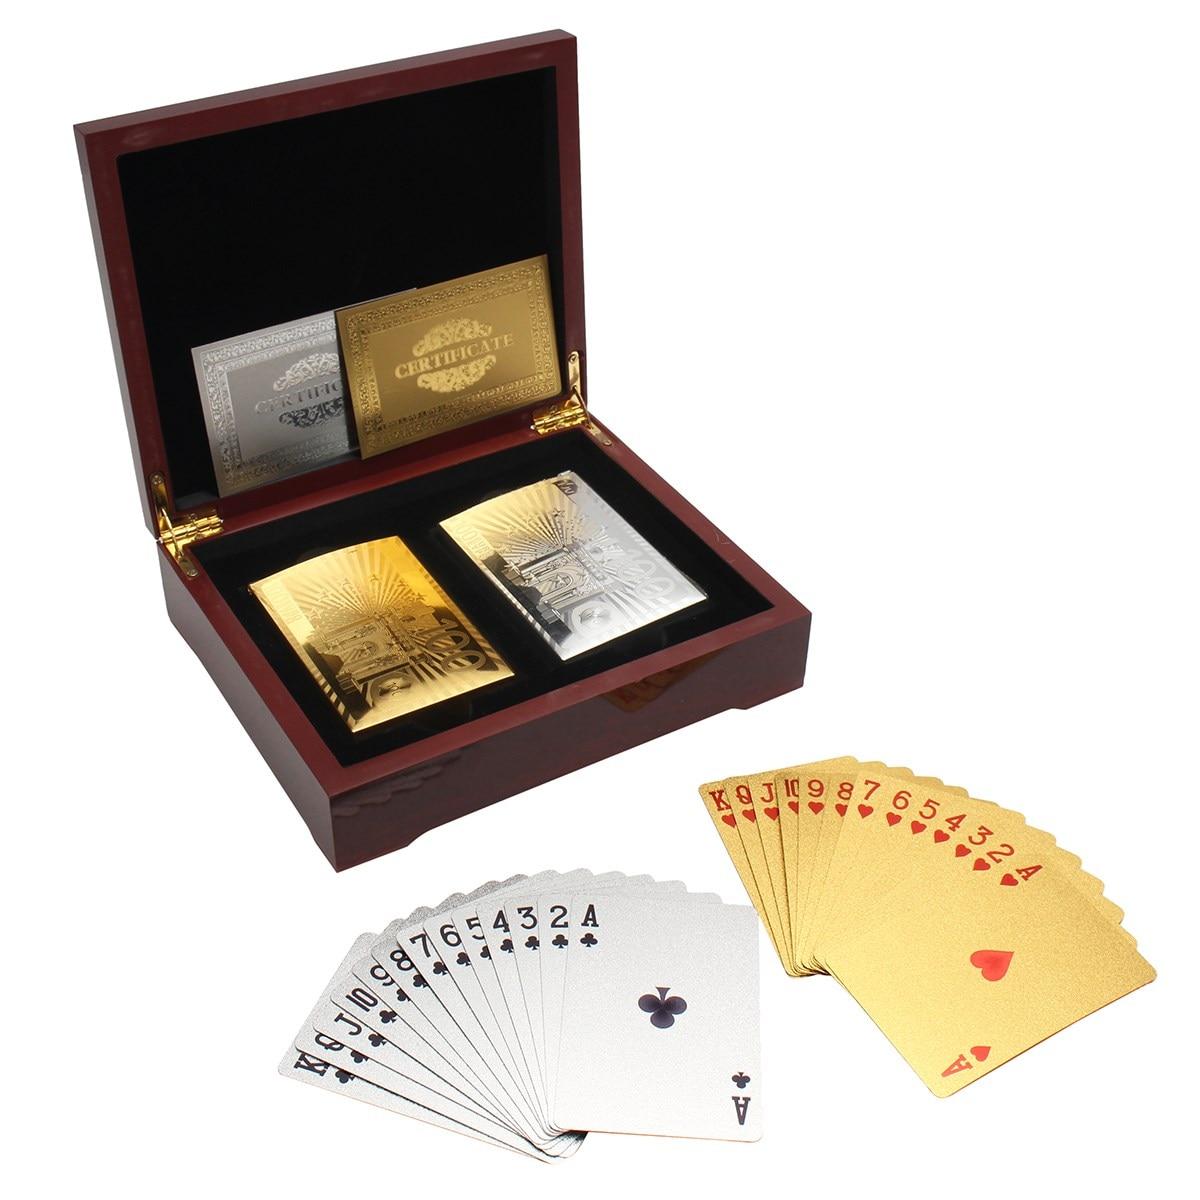 chegada-nova-colecao-de-font-b-poker-b-font-jogando-cartas-com-marrom-caixa-de-madeira-conjunto-gold-silver-cores-conjunto-melhor-presente-para-o-leitor-de-cartao